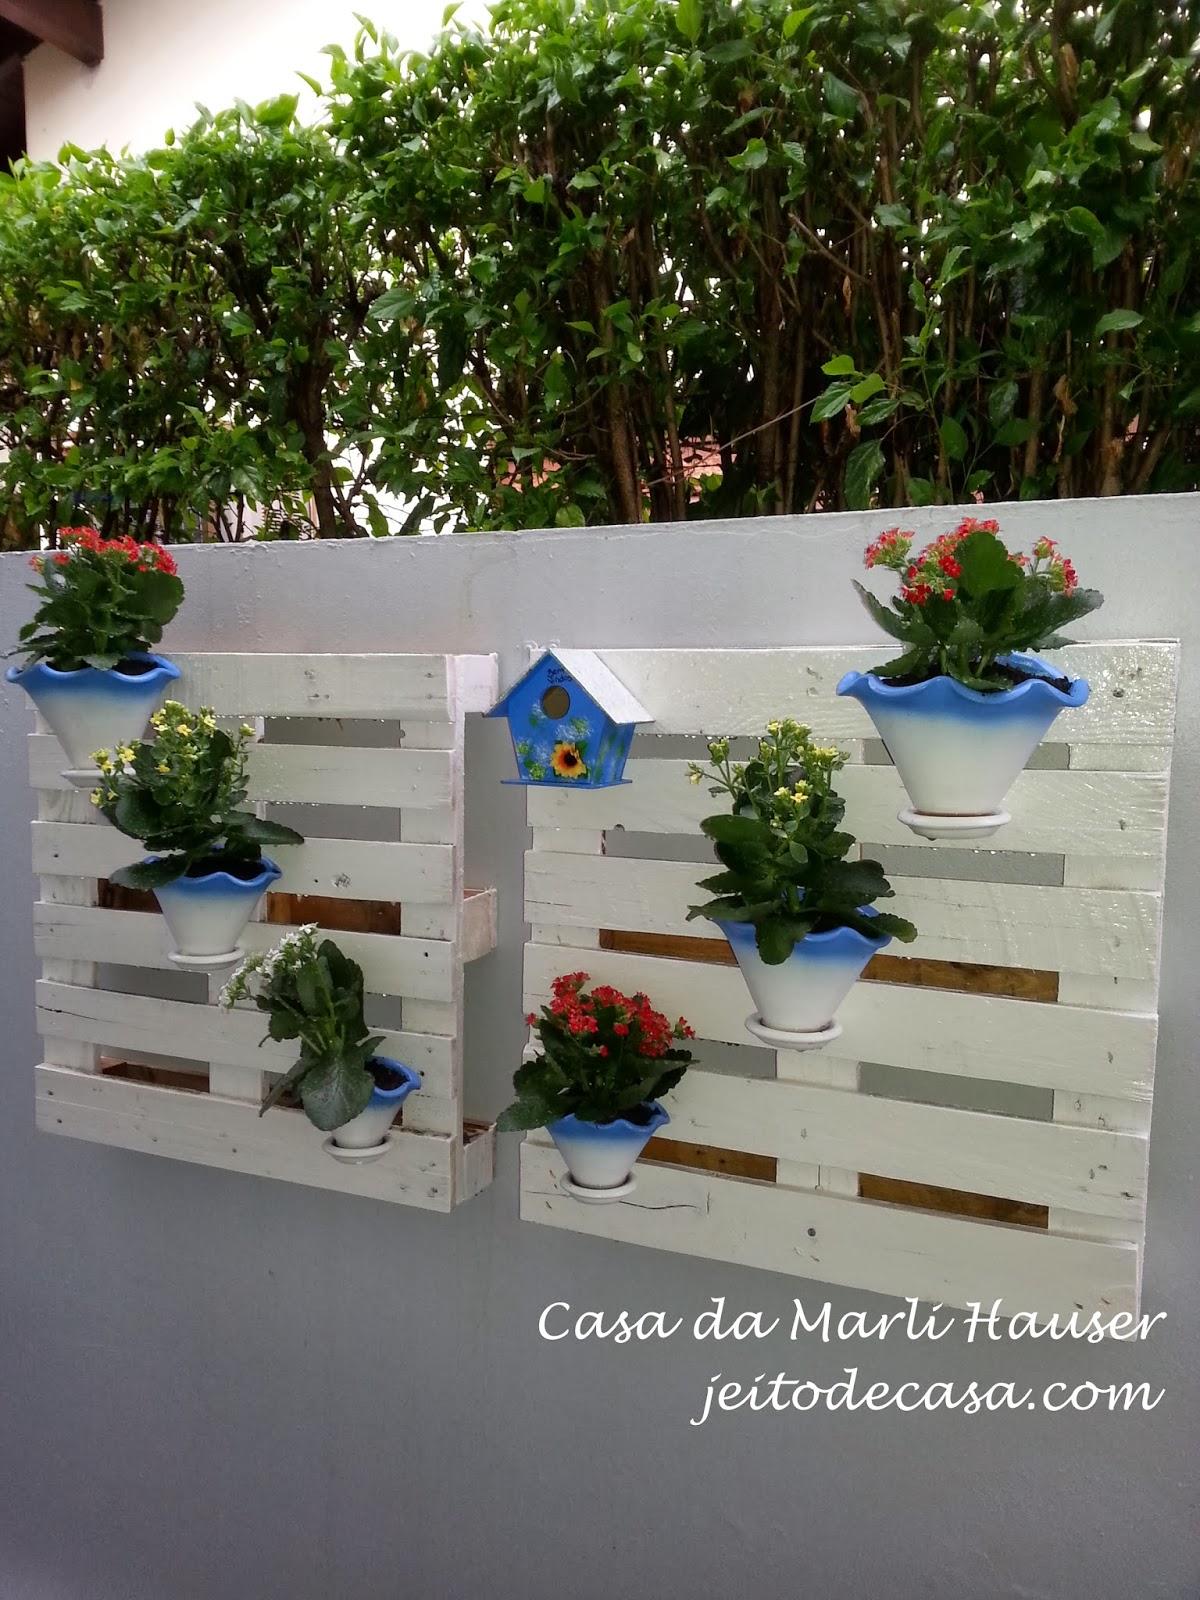 muro decorado com vasos e flores